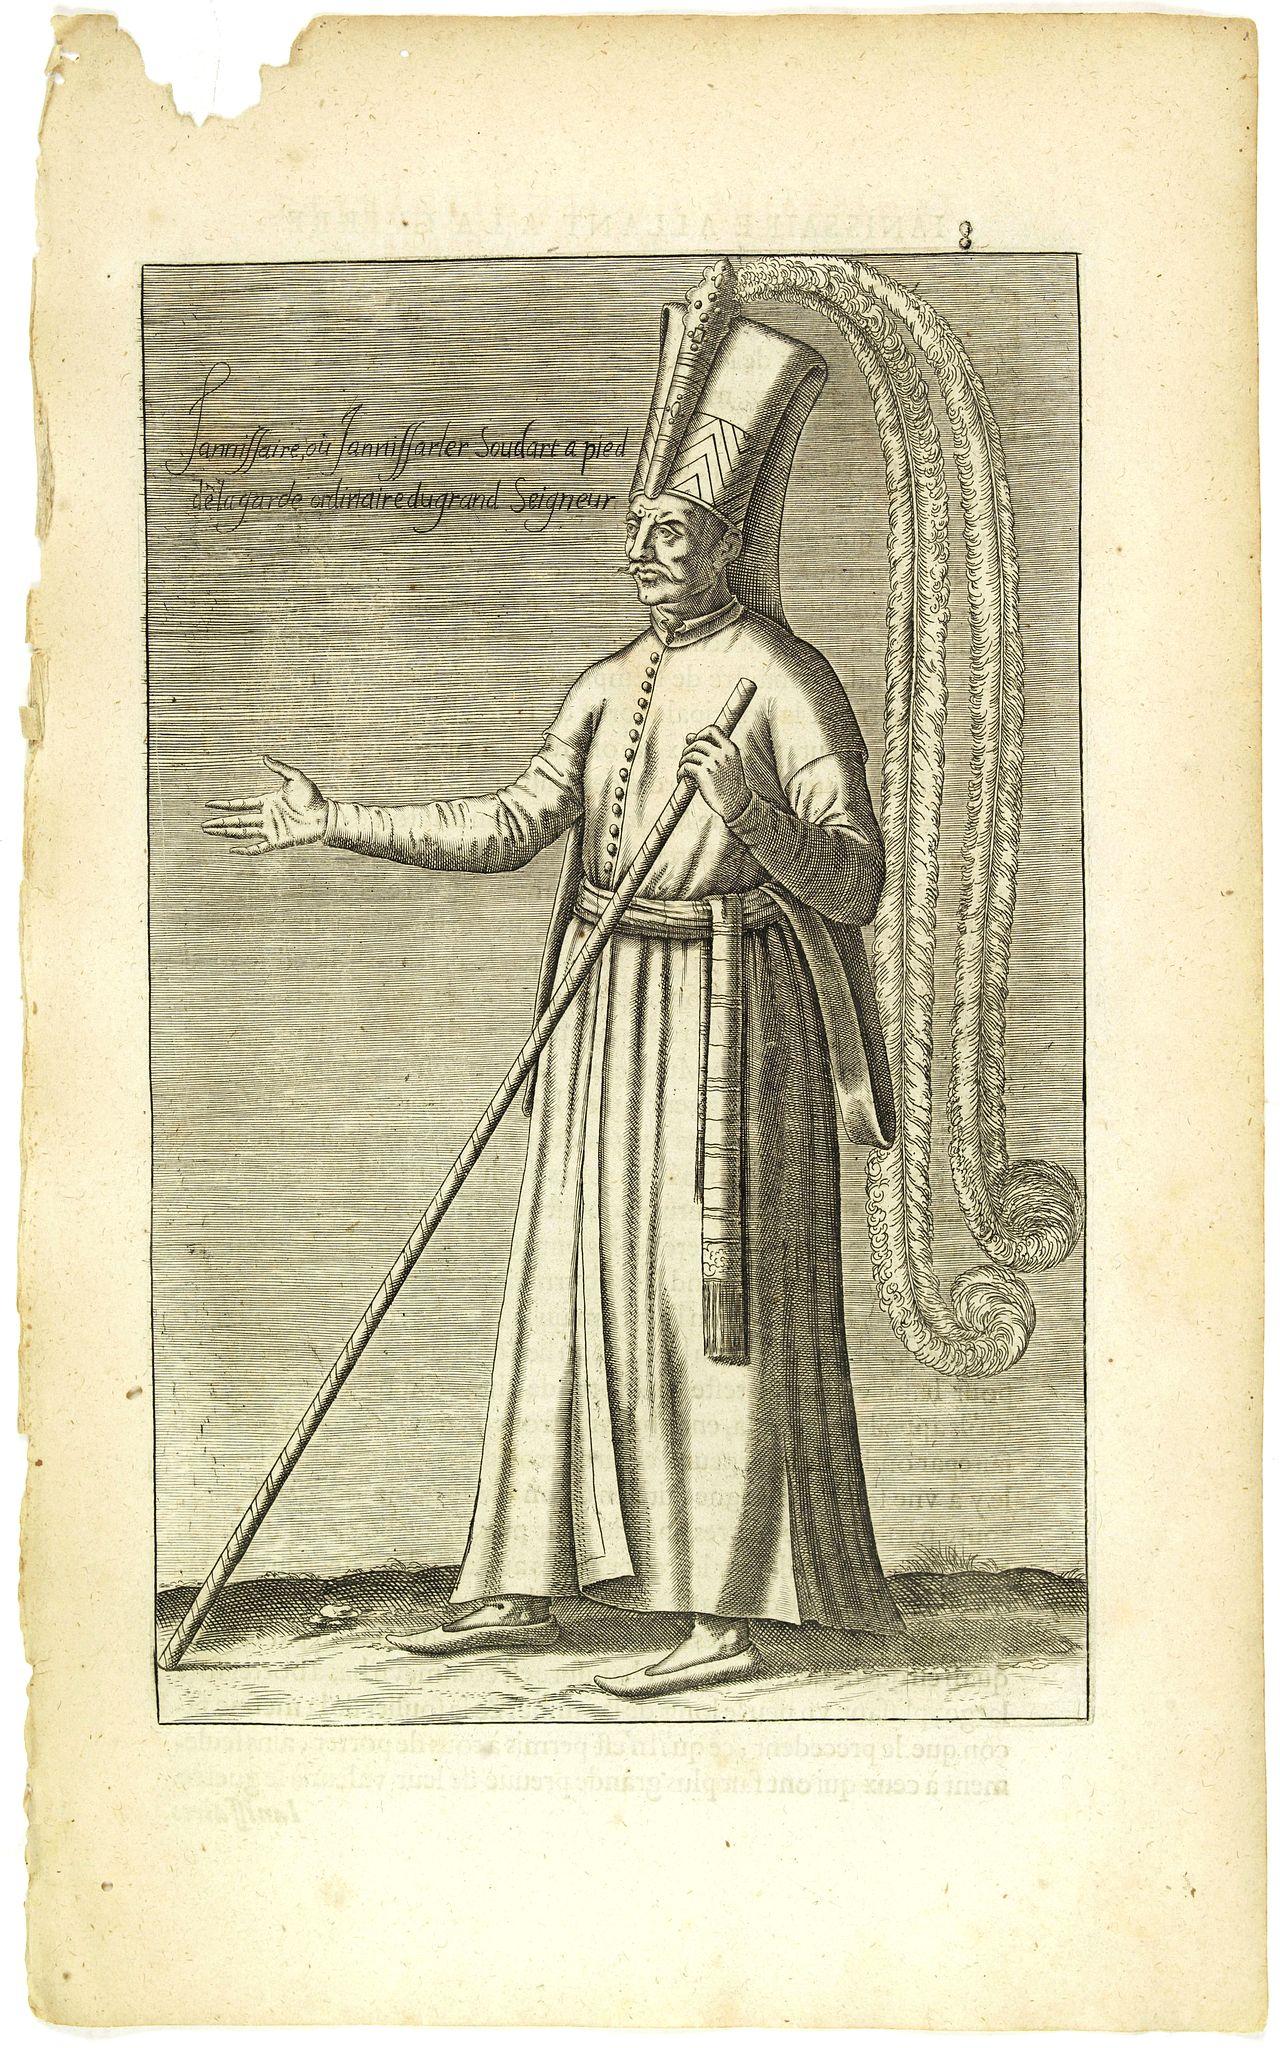 NICOLAS DE NICOLAY, Thomas Artus (sieur d'Embry). -  Iannissaire ou Ianissarler Soudart a Pied de la Garde Ordinaire du Grand Seigneur. (8)